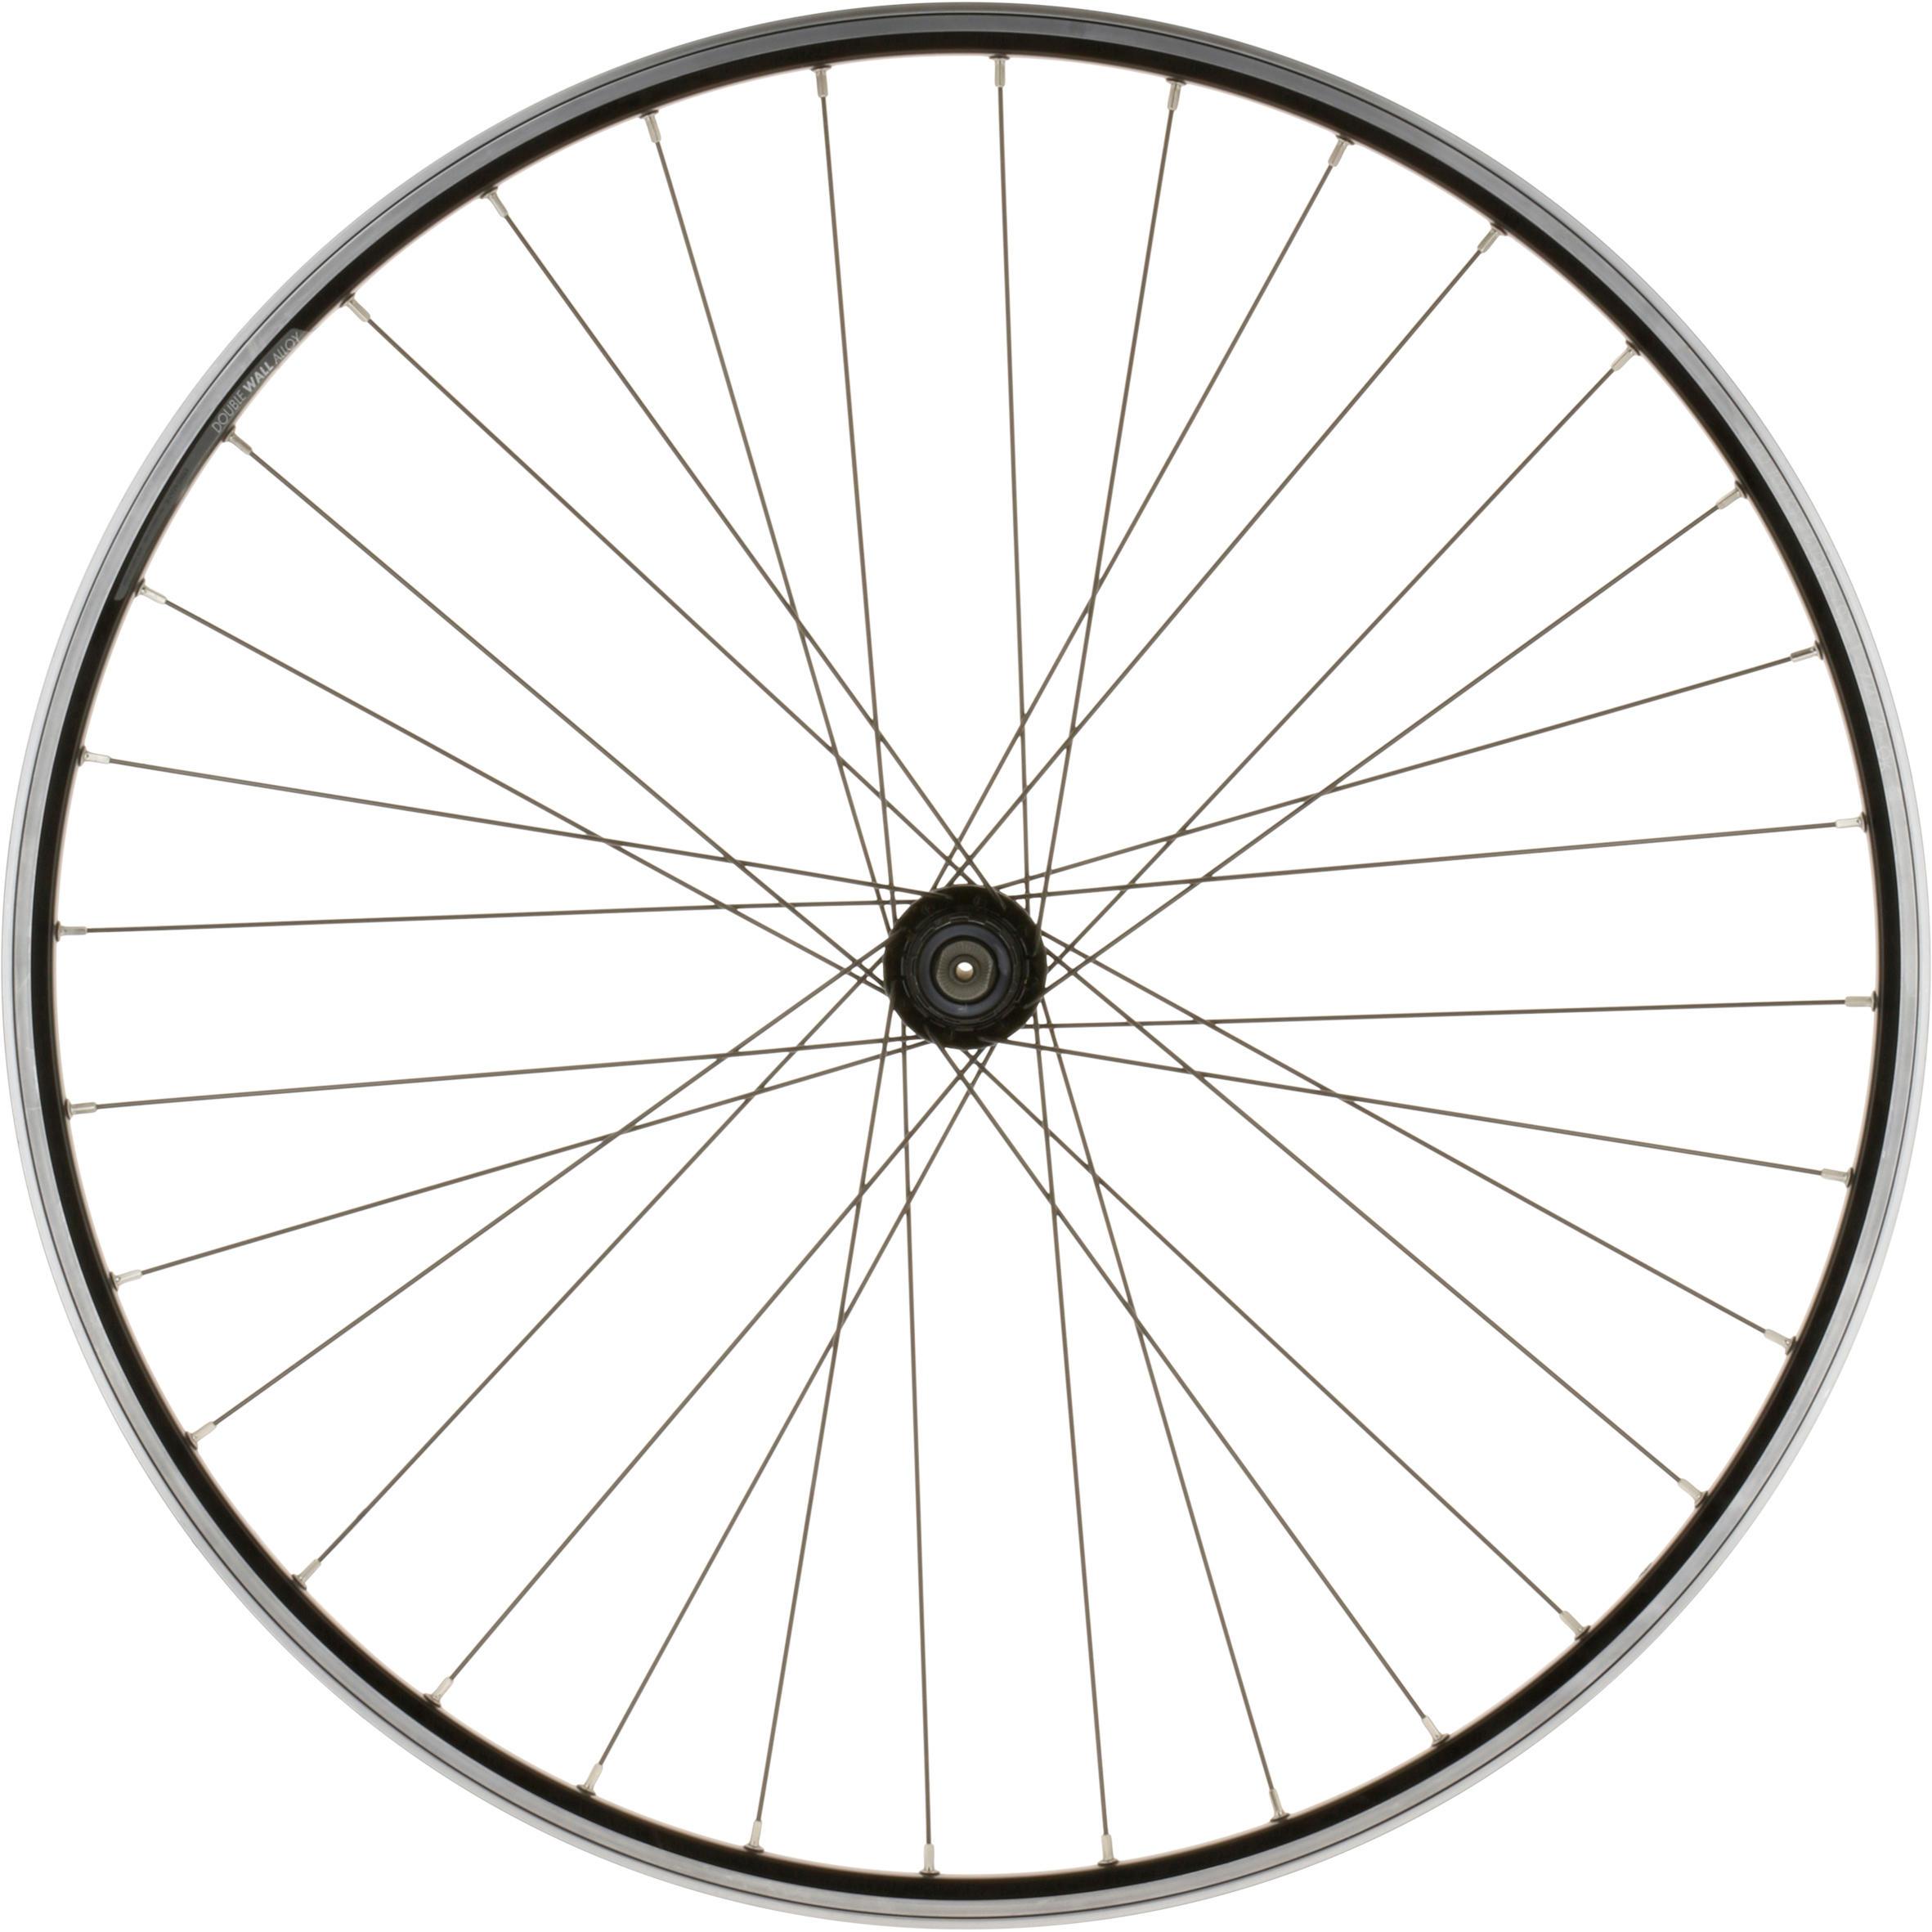 700 Rear Road Bike Wheel - Black